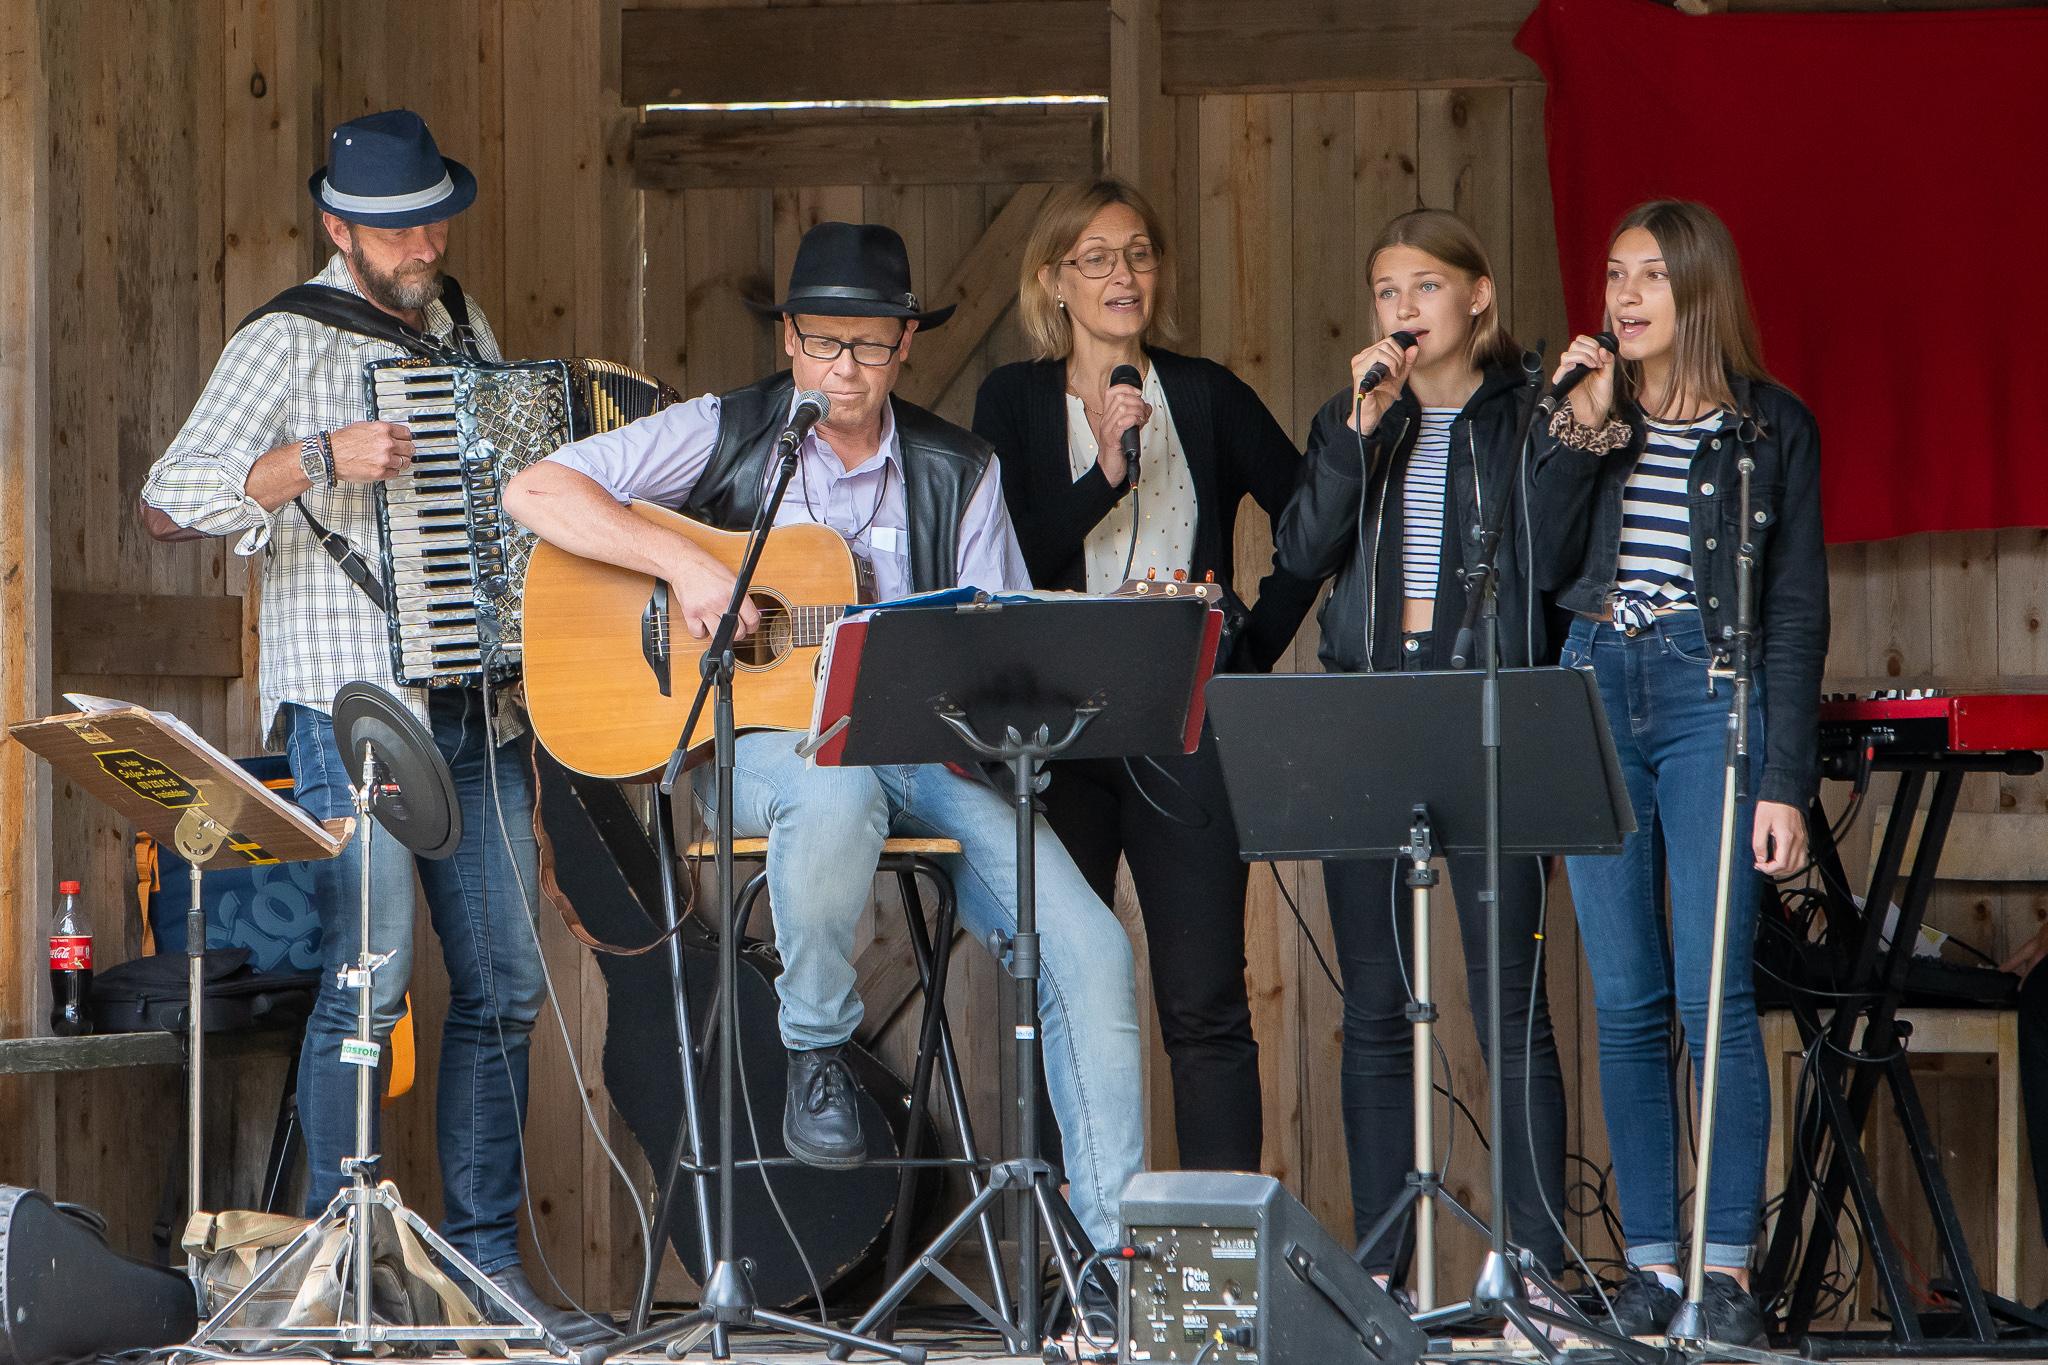 Musik- och kulturfesten i Ängersjö lockade ett hundratal besökare